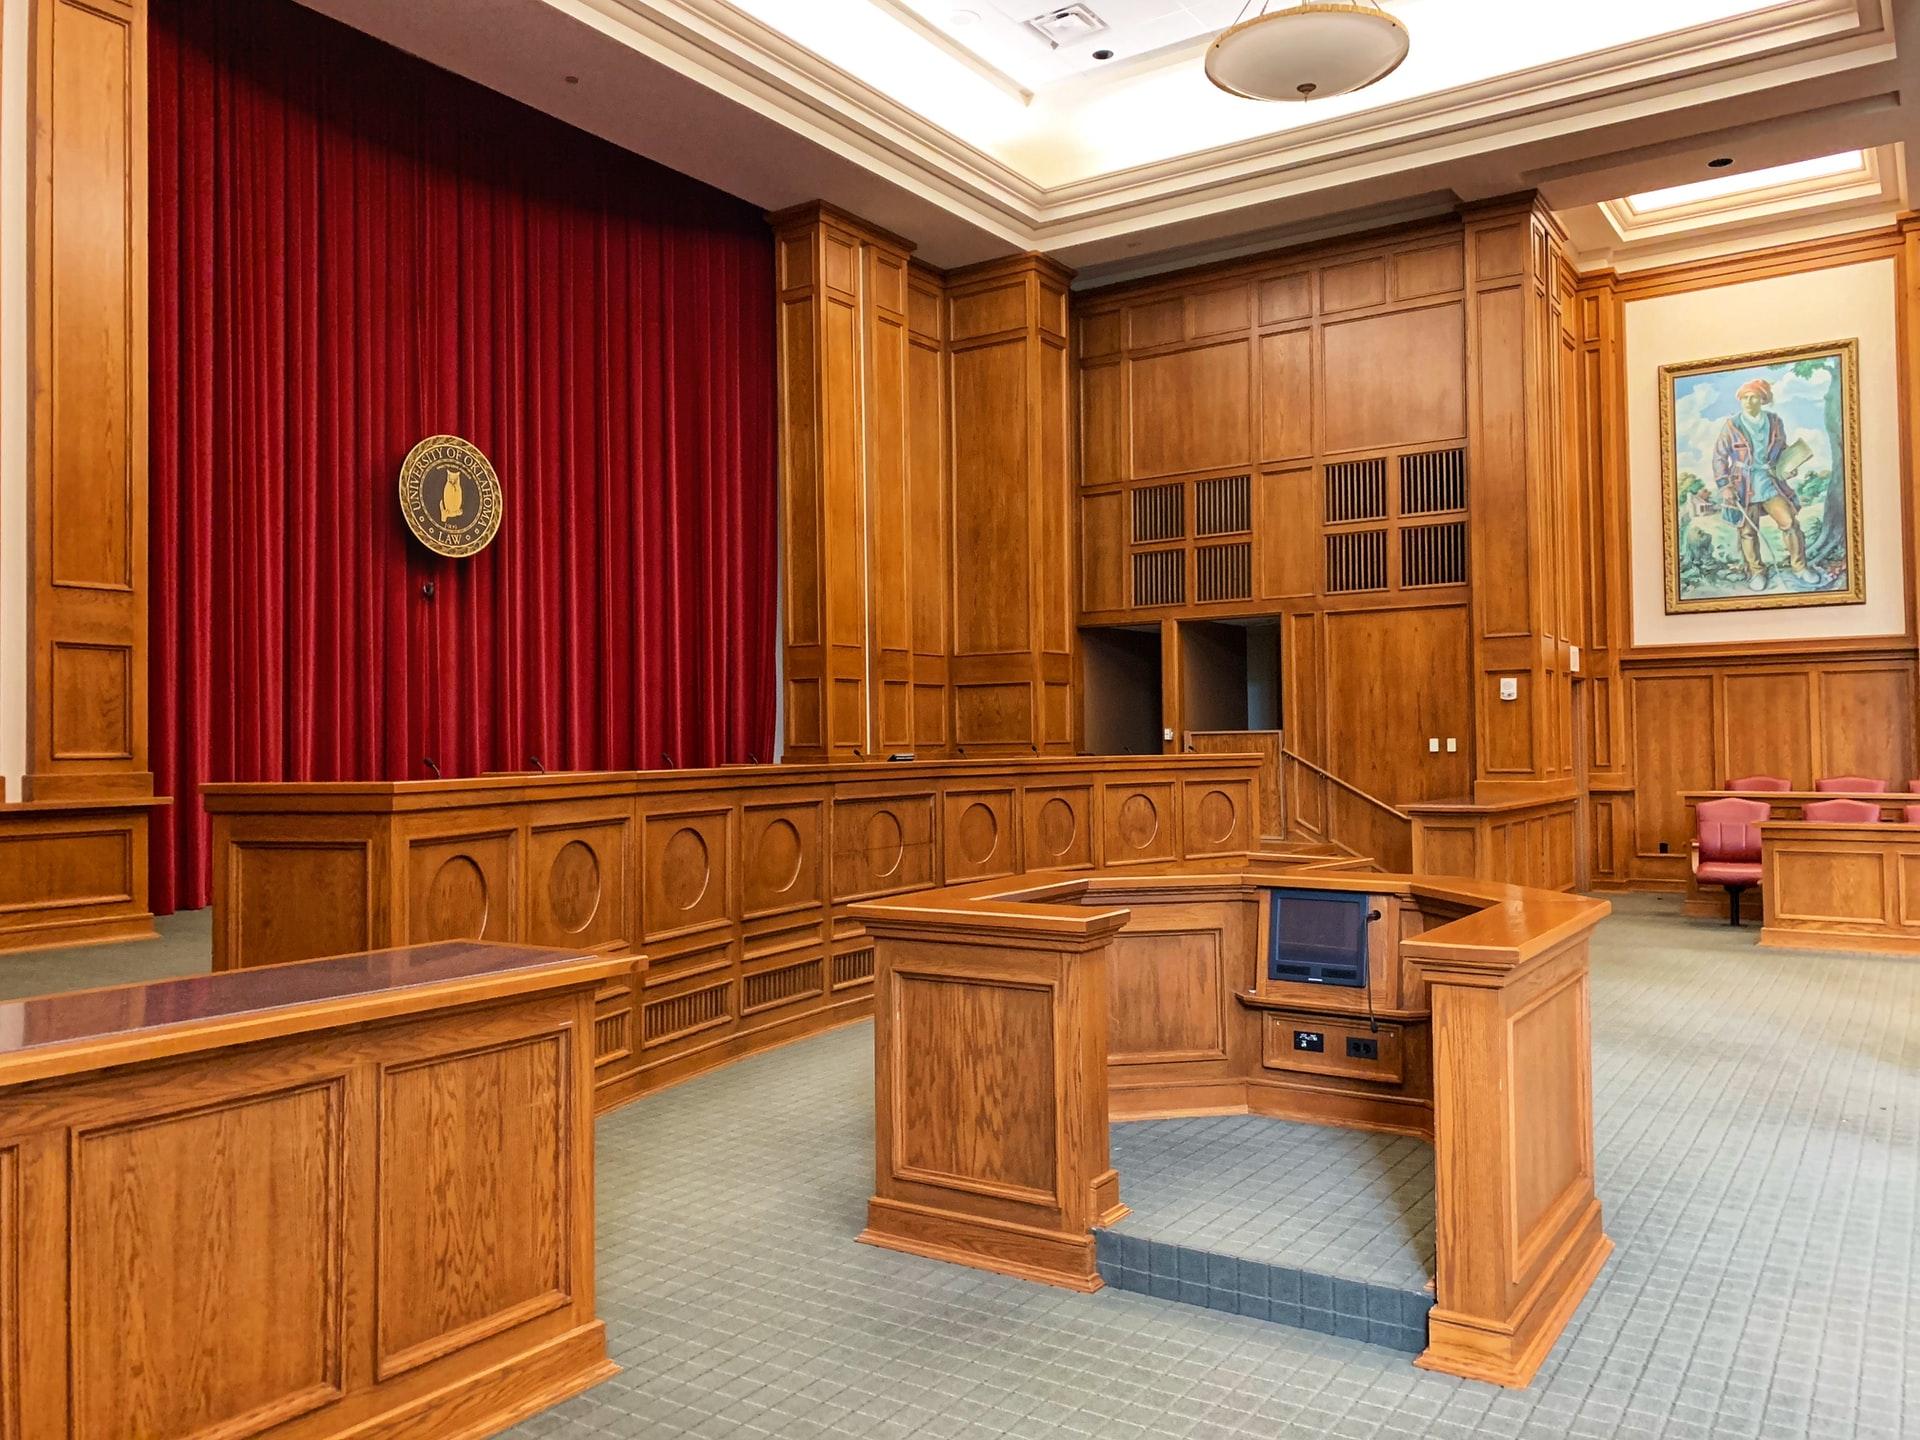 Federal Judge Rules CDC Eviction Moratorium Unconstitutional